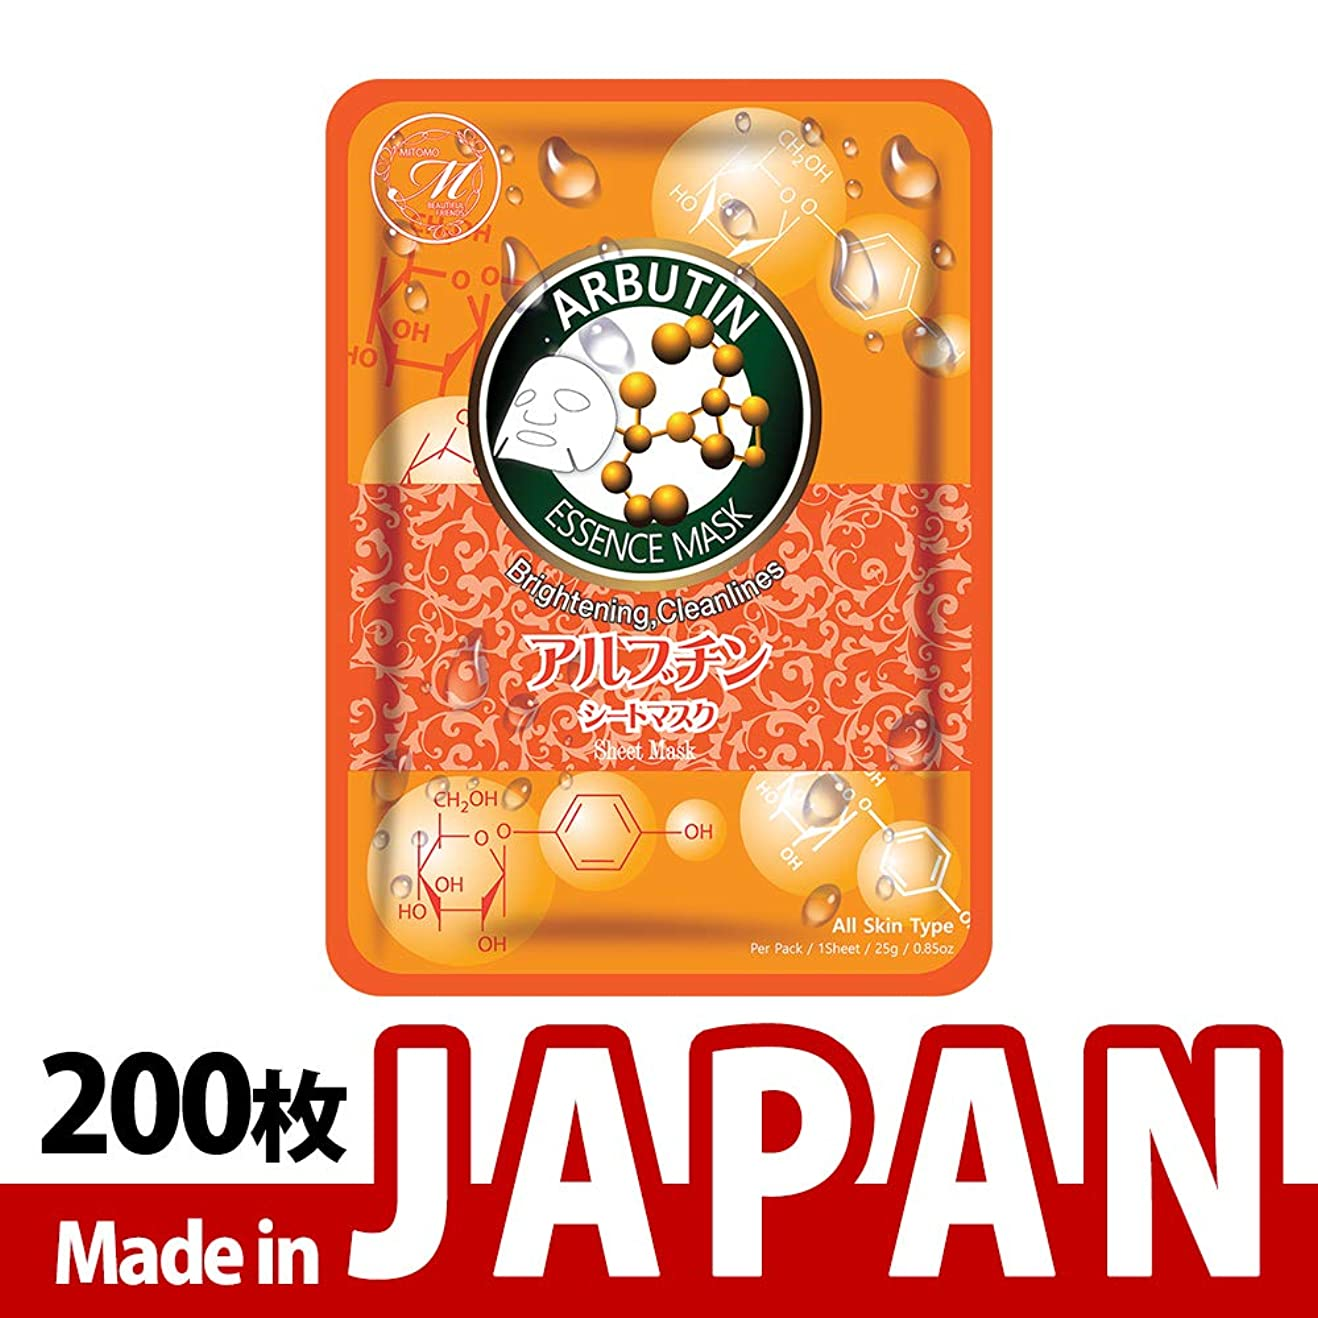 フォーム既に最終【MT612-A-3】シートマスク/10枚入り/200枚/美容液/マスクパック/送料無料